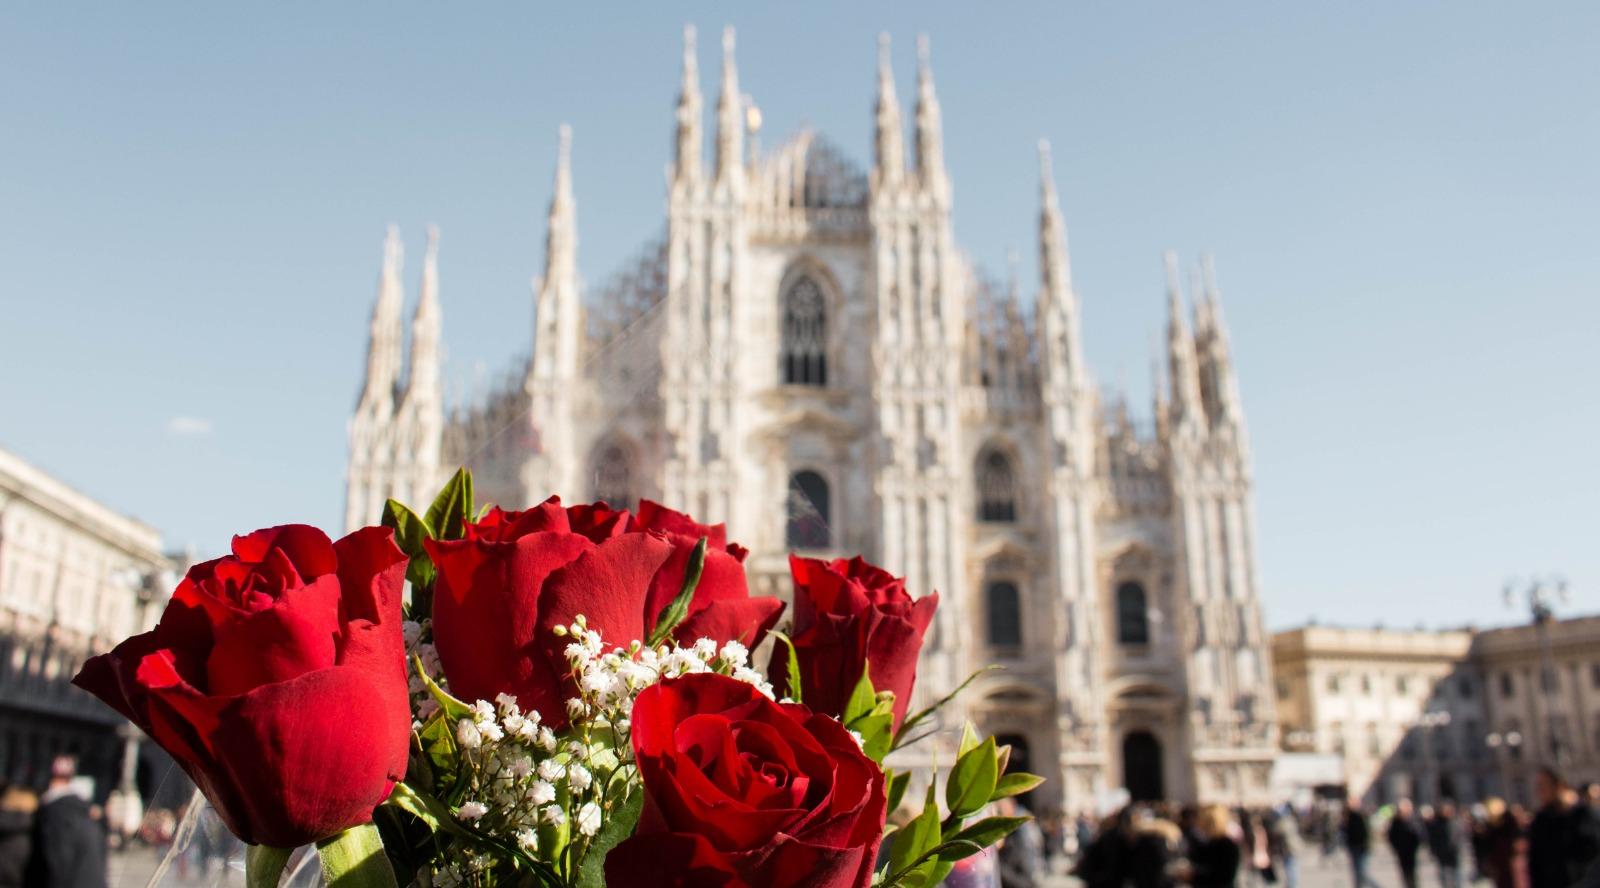 San Valentino a Milano: cosa si può fare in zona gialla